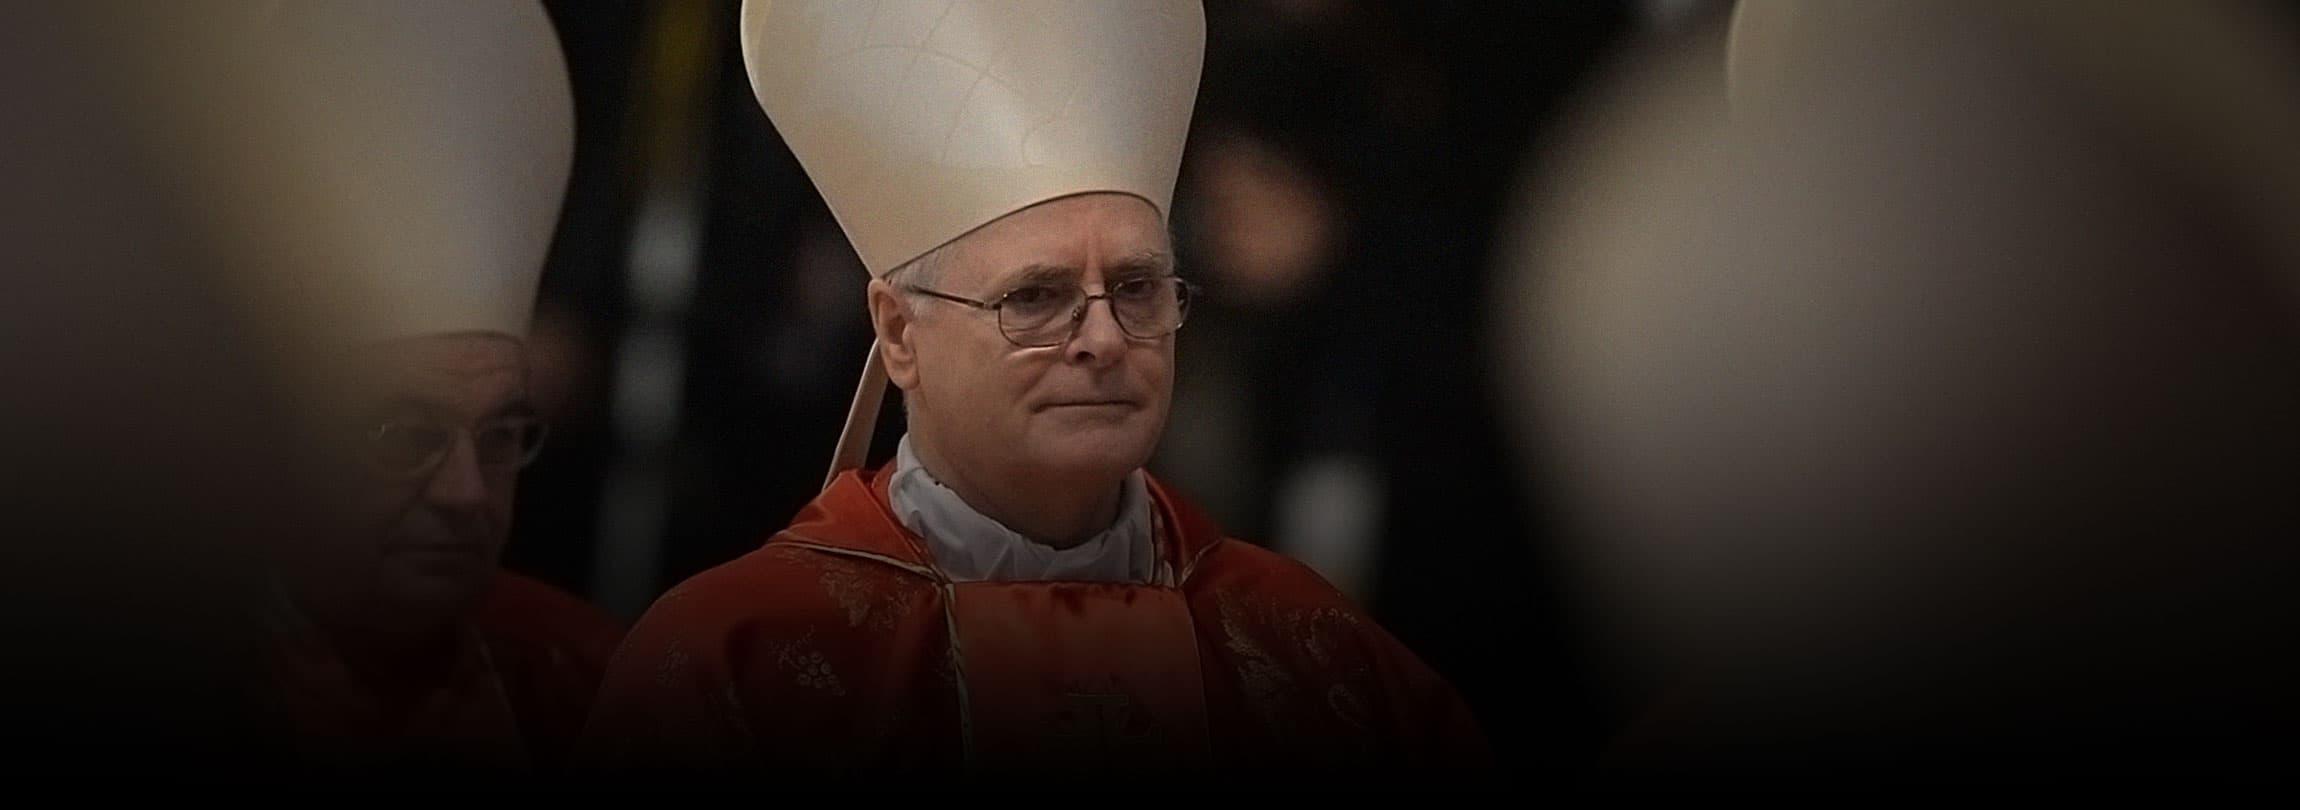 Cardeal Dom Odilo Scherer enfrenta protestos anti-católicos na PUC-SP